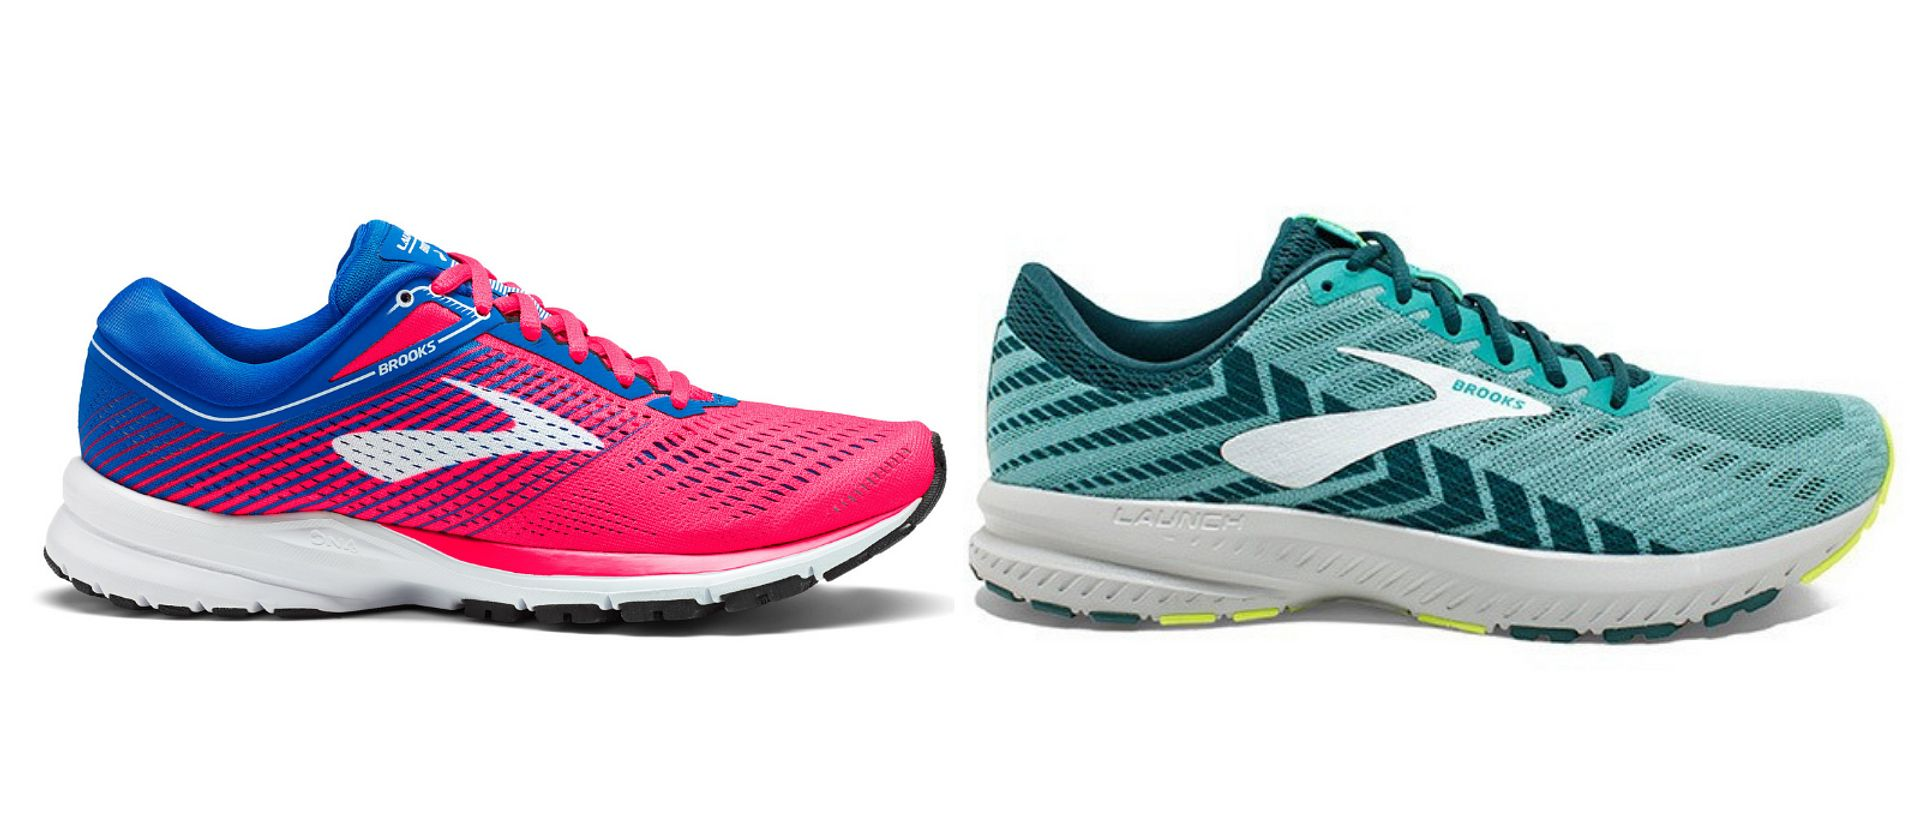 Shoe Review: Brooks Launch 6   Fleet Feet